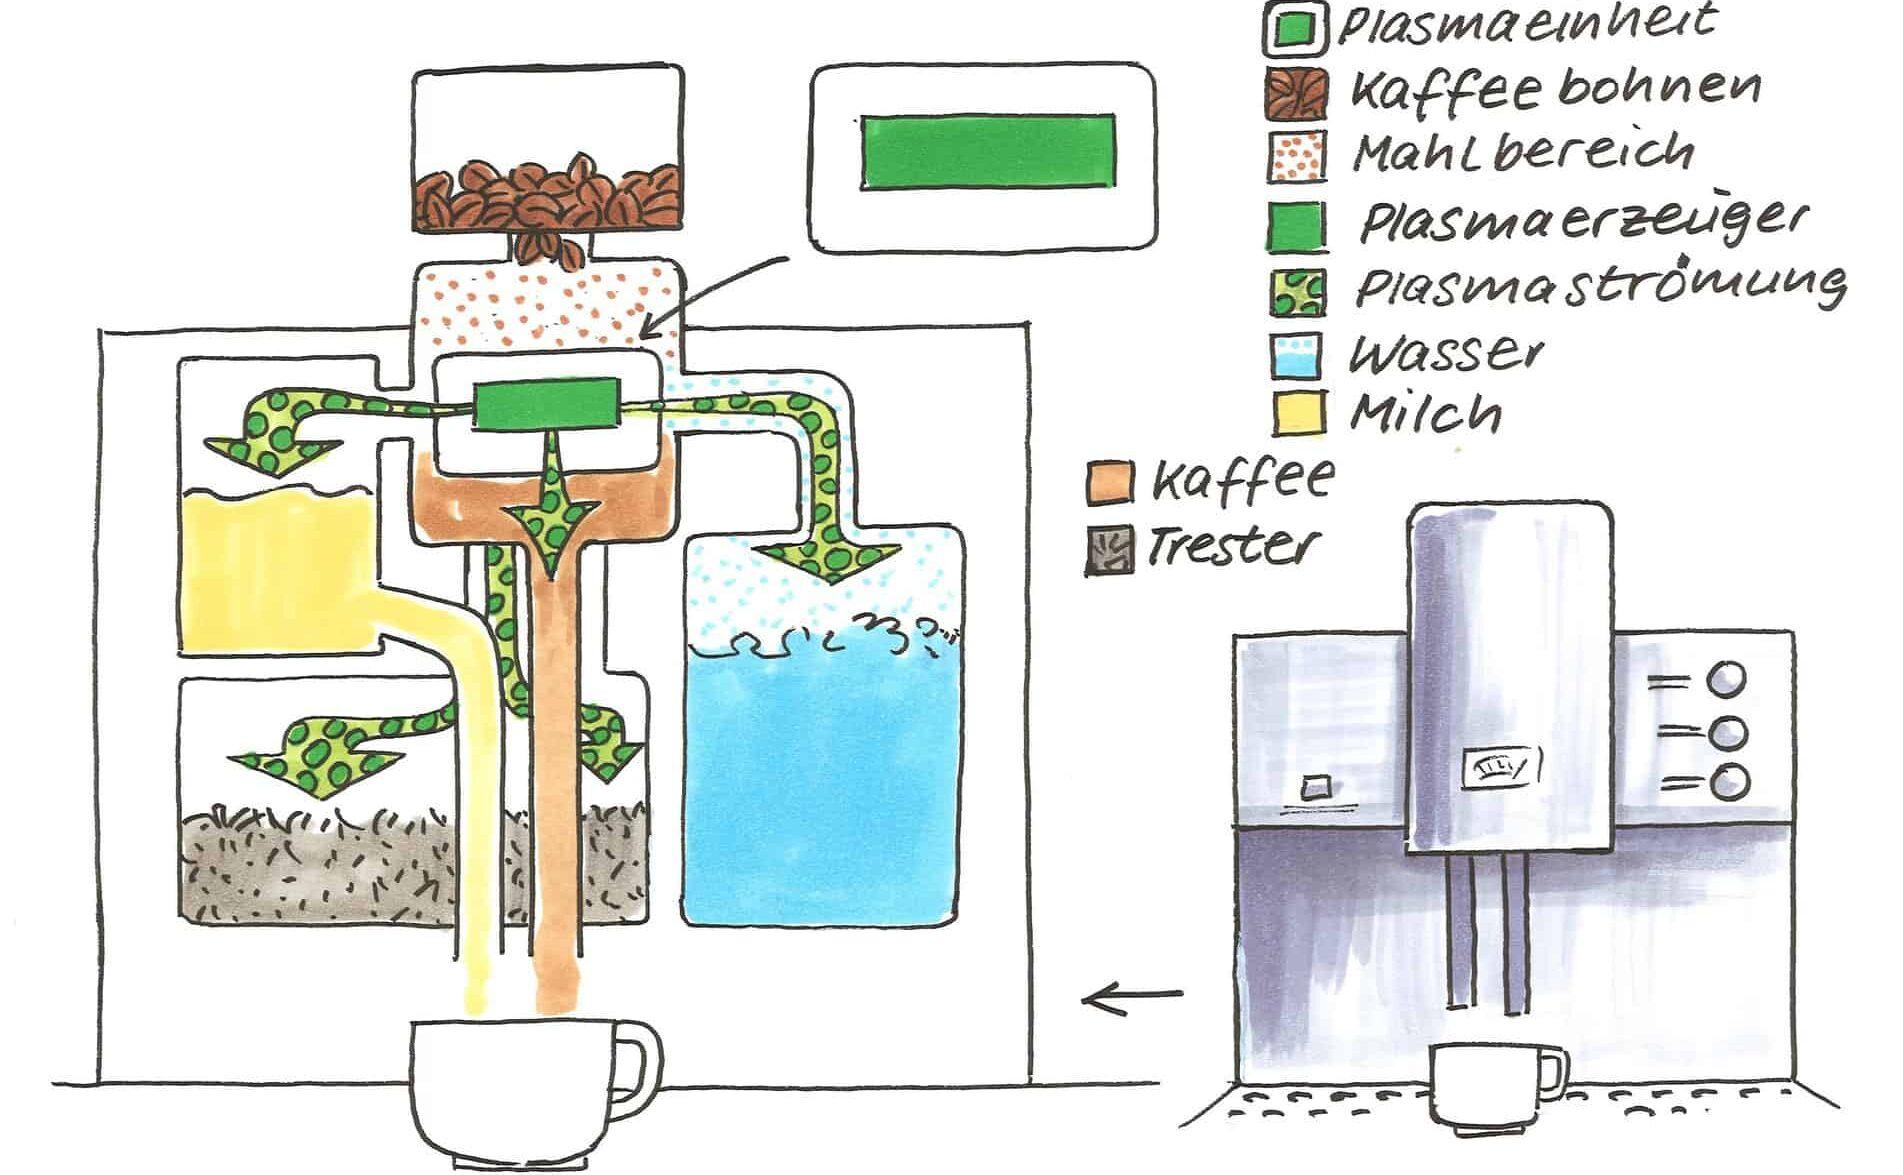 Kaffeemaschinen Reiniger mit Plasmatechnologie